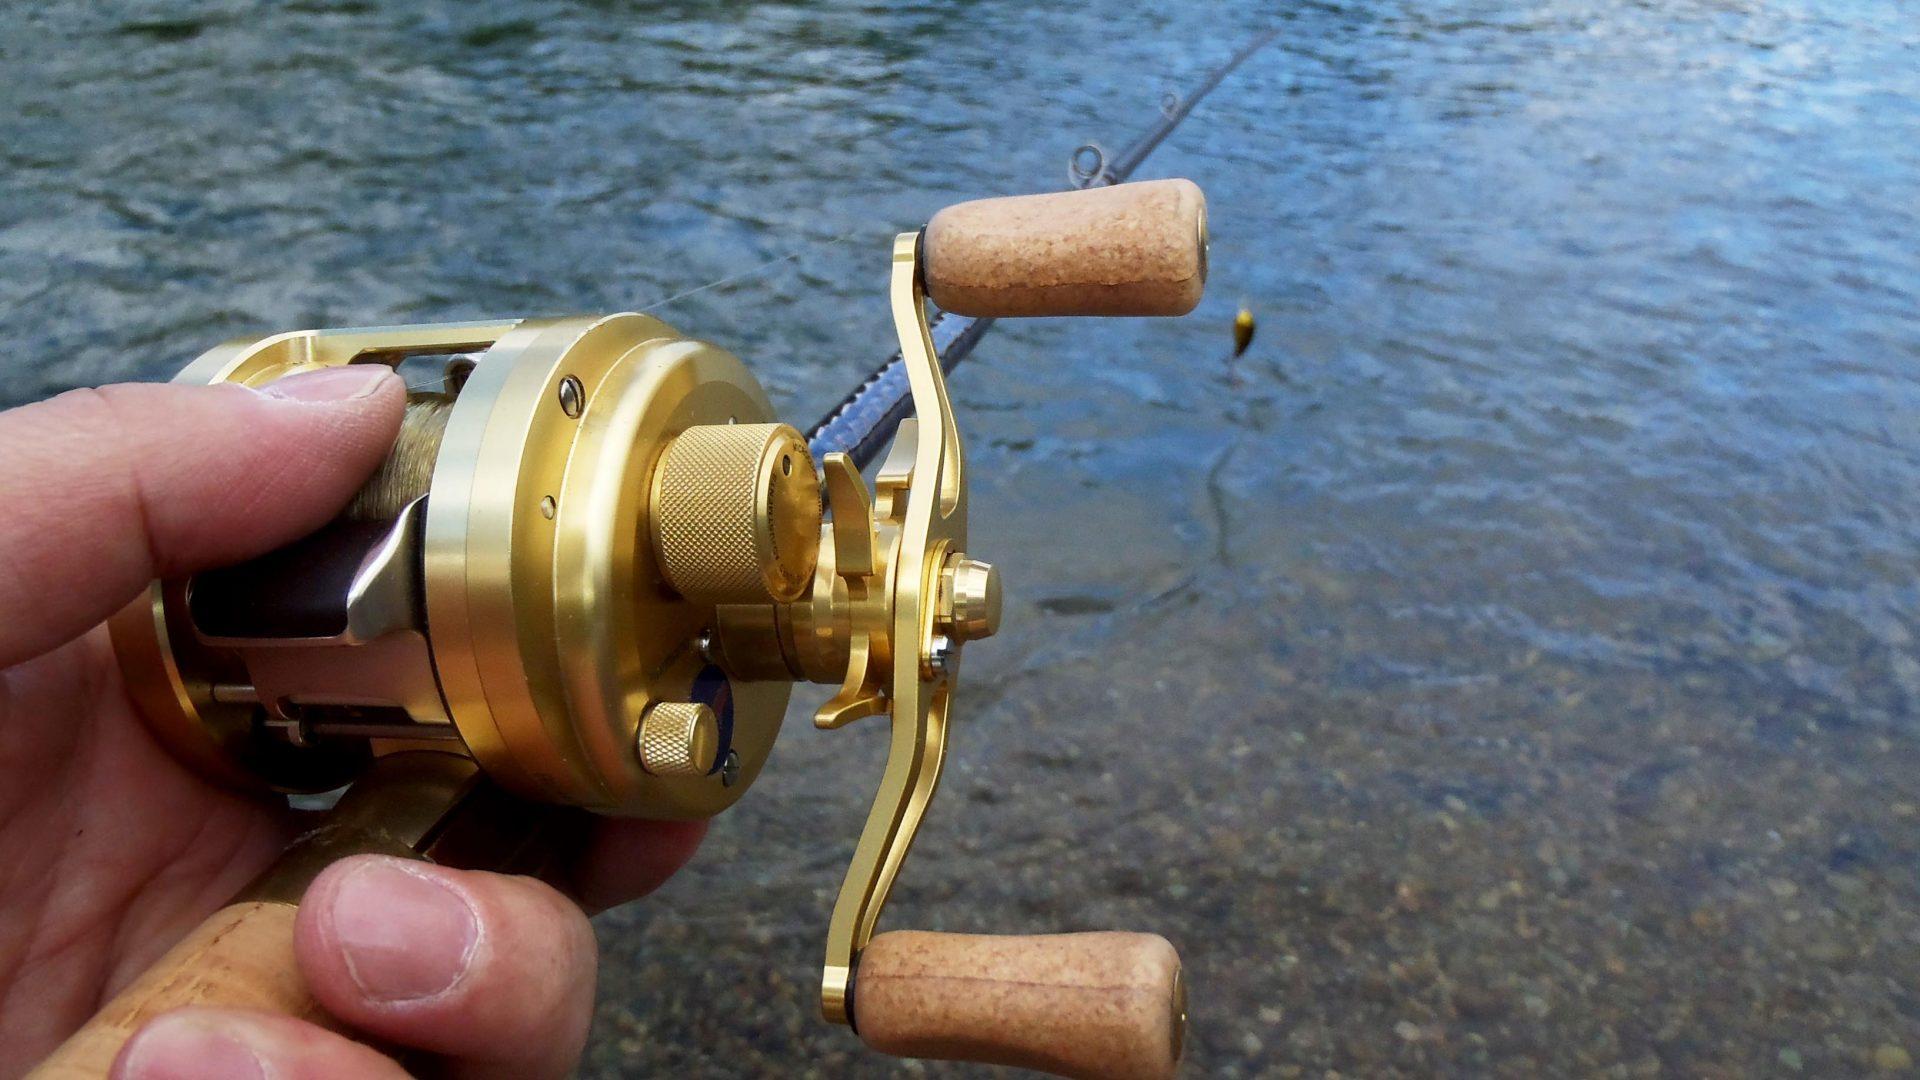 クランクベイトでニジマスを釣る